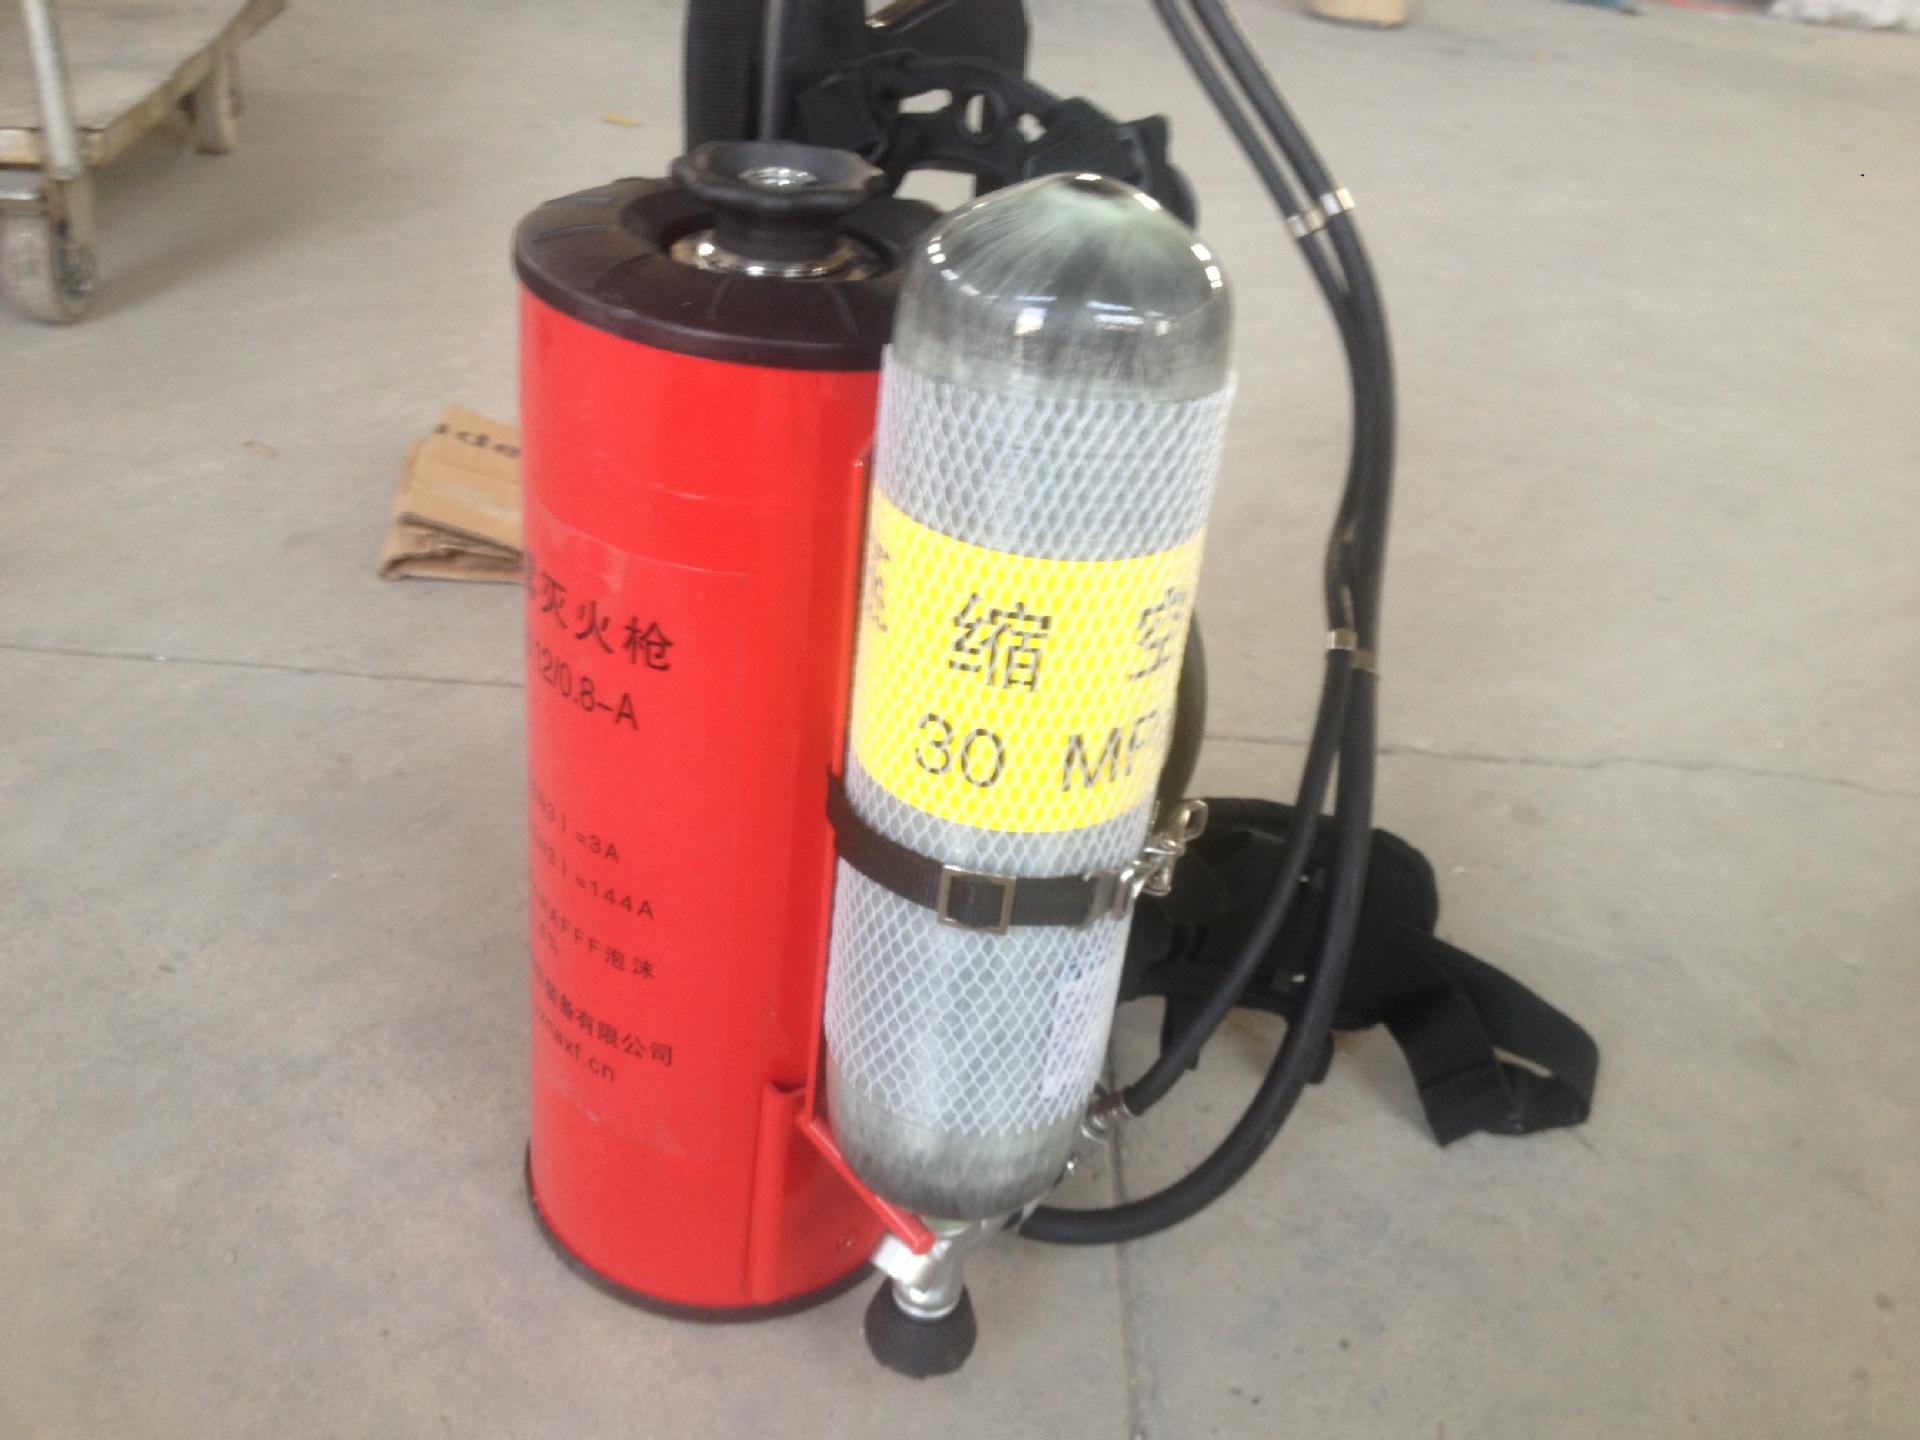 Hỏa QBW12 mang loại vải chữa cháy, súng phun nước, phun áp suất thiết bị chữa cháy